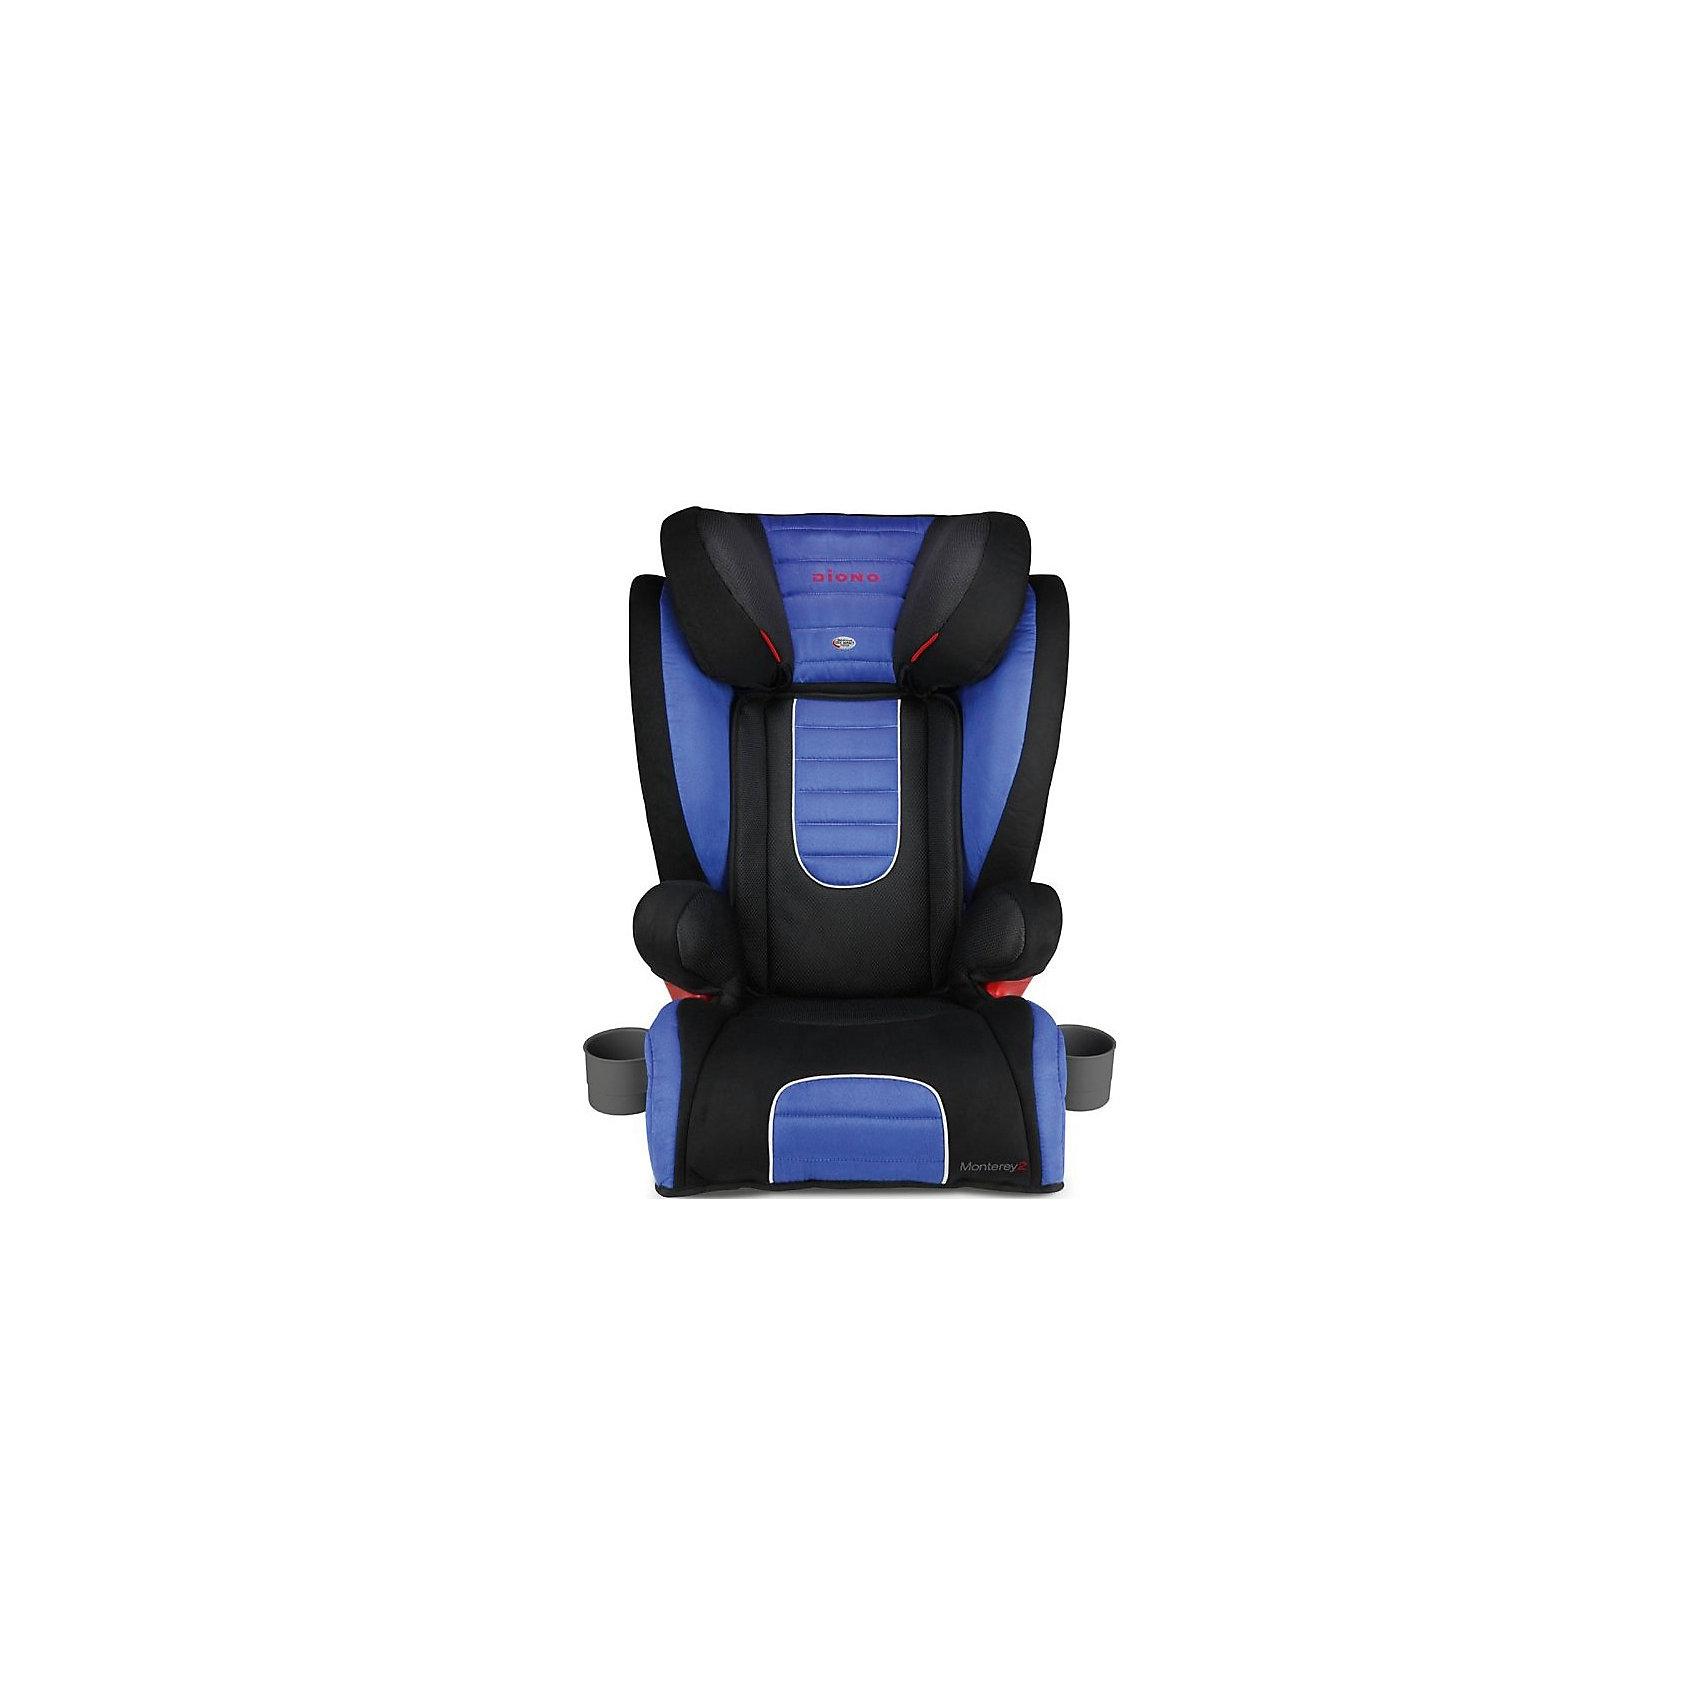 Автокресло Diono Monterey 2, 15-36 кг, BlueГруппа 2-3 (От 15 до 36 кг)<br>Diono Monterey 2 Blue - превосходное автокресло для безопасности и удобства ребенка во время длительных поездок. Кресло удобно устанавливается по ходу движения автомобиля, благодаря 3-точечным ремням и легкой регулировке креплений с системой Isofix. Для повышенной безопасности автокресло оборудовано глубоким регулируемым подголовником и боковыми подушками. Удобство ребенку обеспечат регулируемая спинка, мягкая подкладка и два удобных подстаканника. Это кресло надежно защитит вашего ребенка!<br>Особенности и преимущества:<br>-для детей от 15 до 36 кг<br>-крепления Isofix<br>-боковые подушки для дополнительной боковой защиты<br>-11 положений подголовника; регулируется на высоту до 16 см<br>-дополнительные ремни безопасности<br>-2 подстаканника<br>-чехол легко снимается для стирки<br>Цвет: синий<br>Материал: металл, текстиль, пластик<br>Размеры: 50x40,5х66 см<br>Вес: 7,1 кг<br>Автокресло Diono Monterey 2 Blue  можно купить в нашем интернет-магазине.<br><br>Ширина мм: 670<br>Глубина мм: 360<br>Высота мм: 430<br>Вес г: 8800<br>Возраст от месяцев: 48<br>Возраст до месяцев: 144<br>Пол: Унисекс<br>Возраст: Детский<br>SKU: 4794370